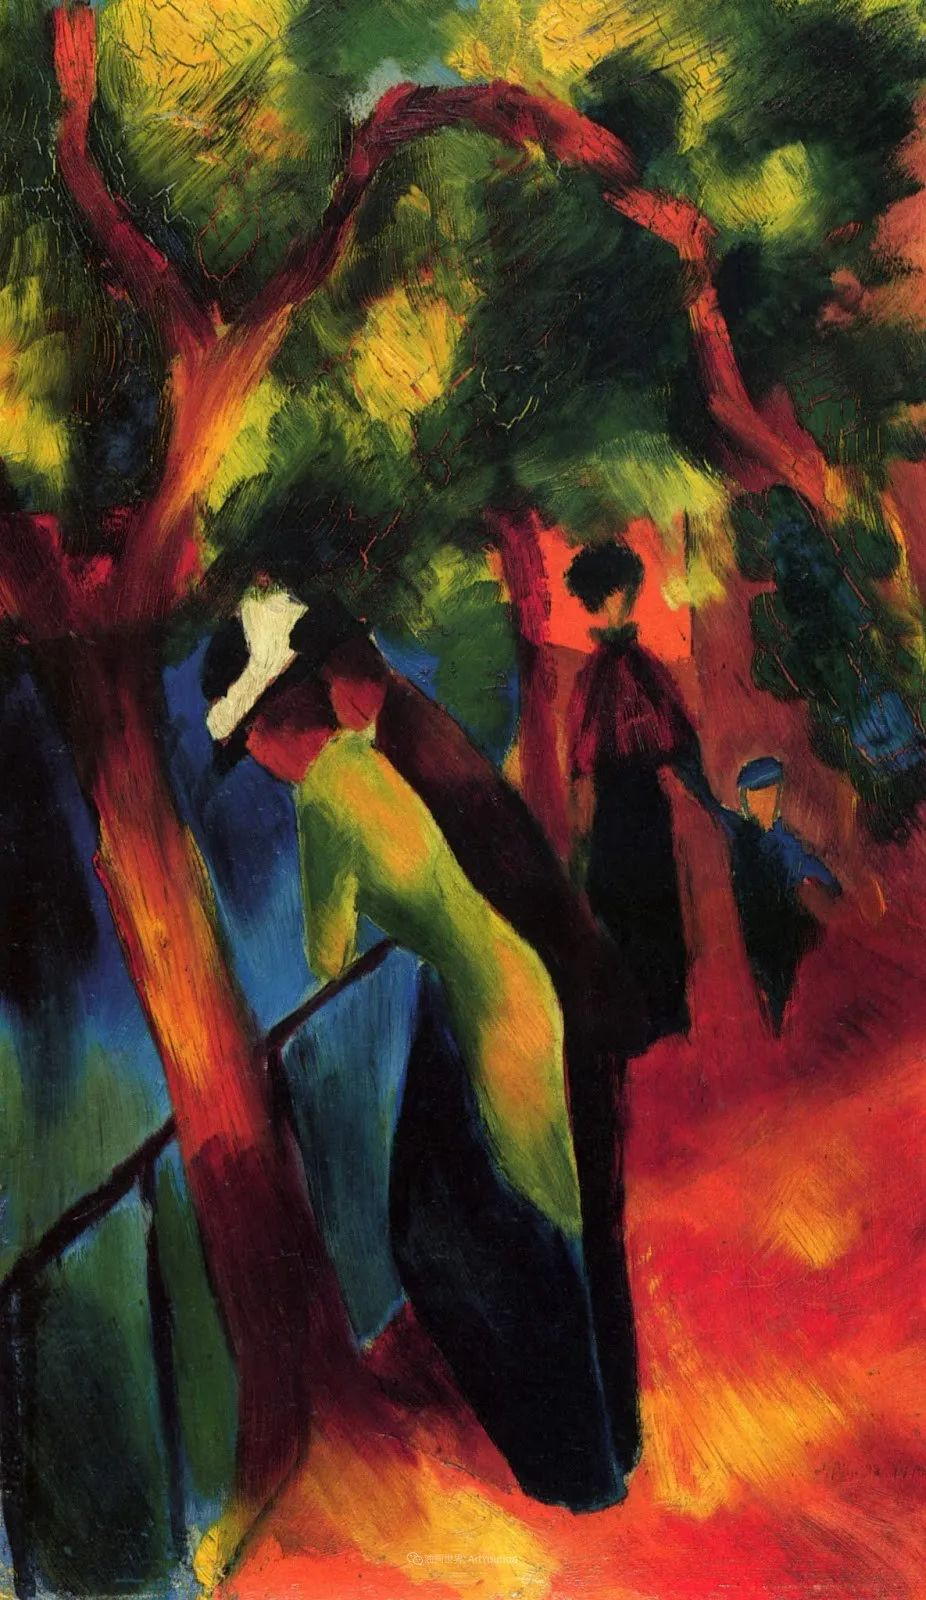 画面色彩的力量,德国表现主义画家奥古斯特·马克插图73